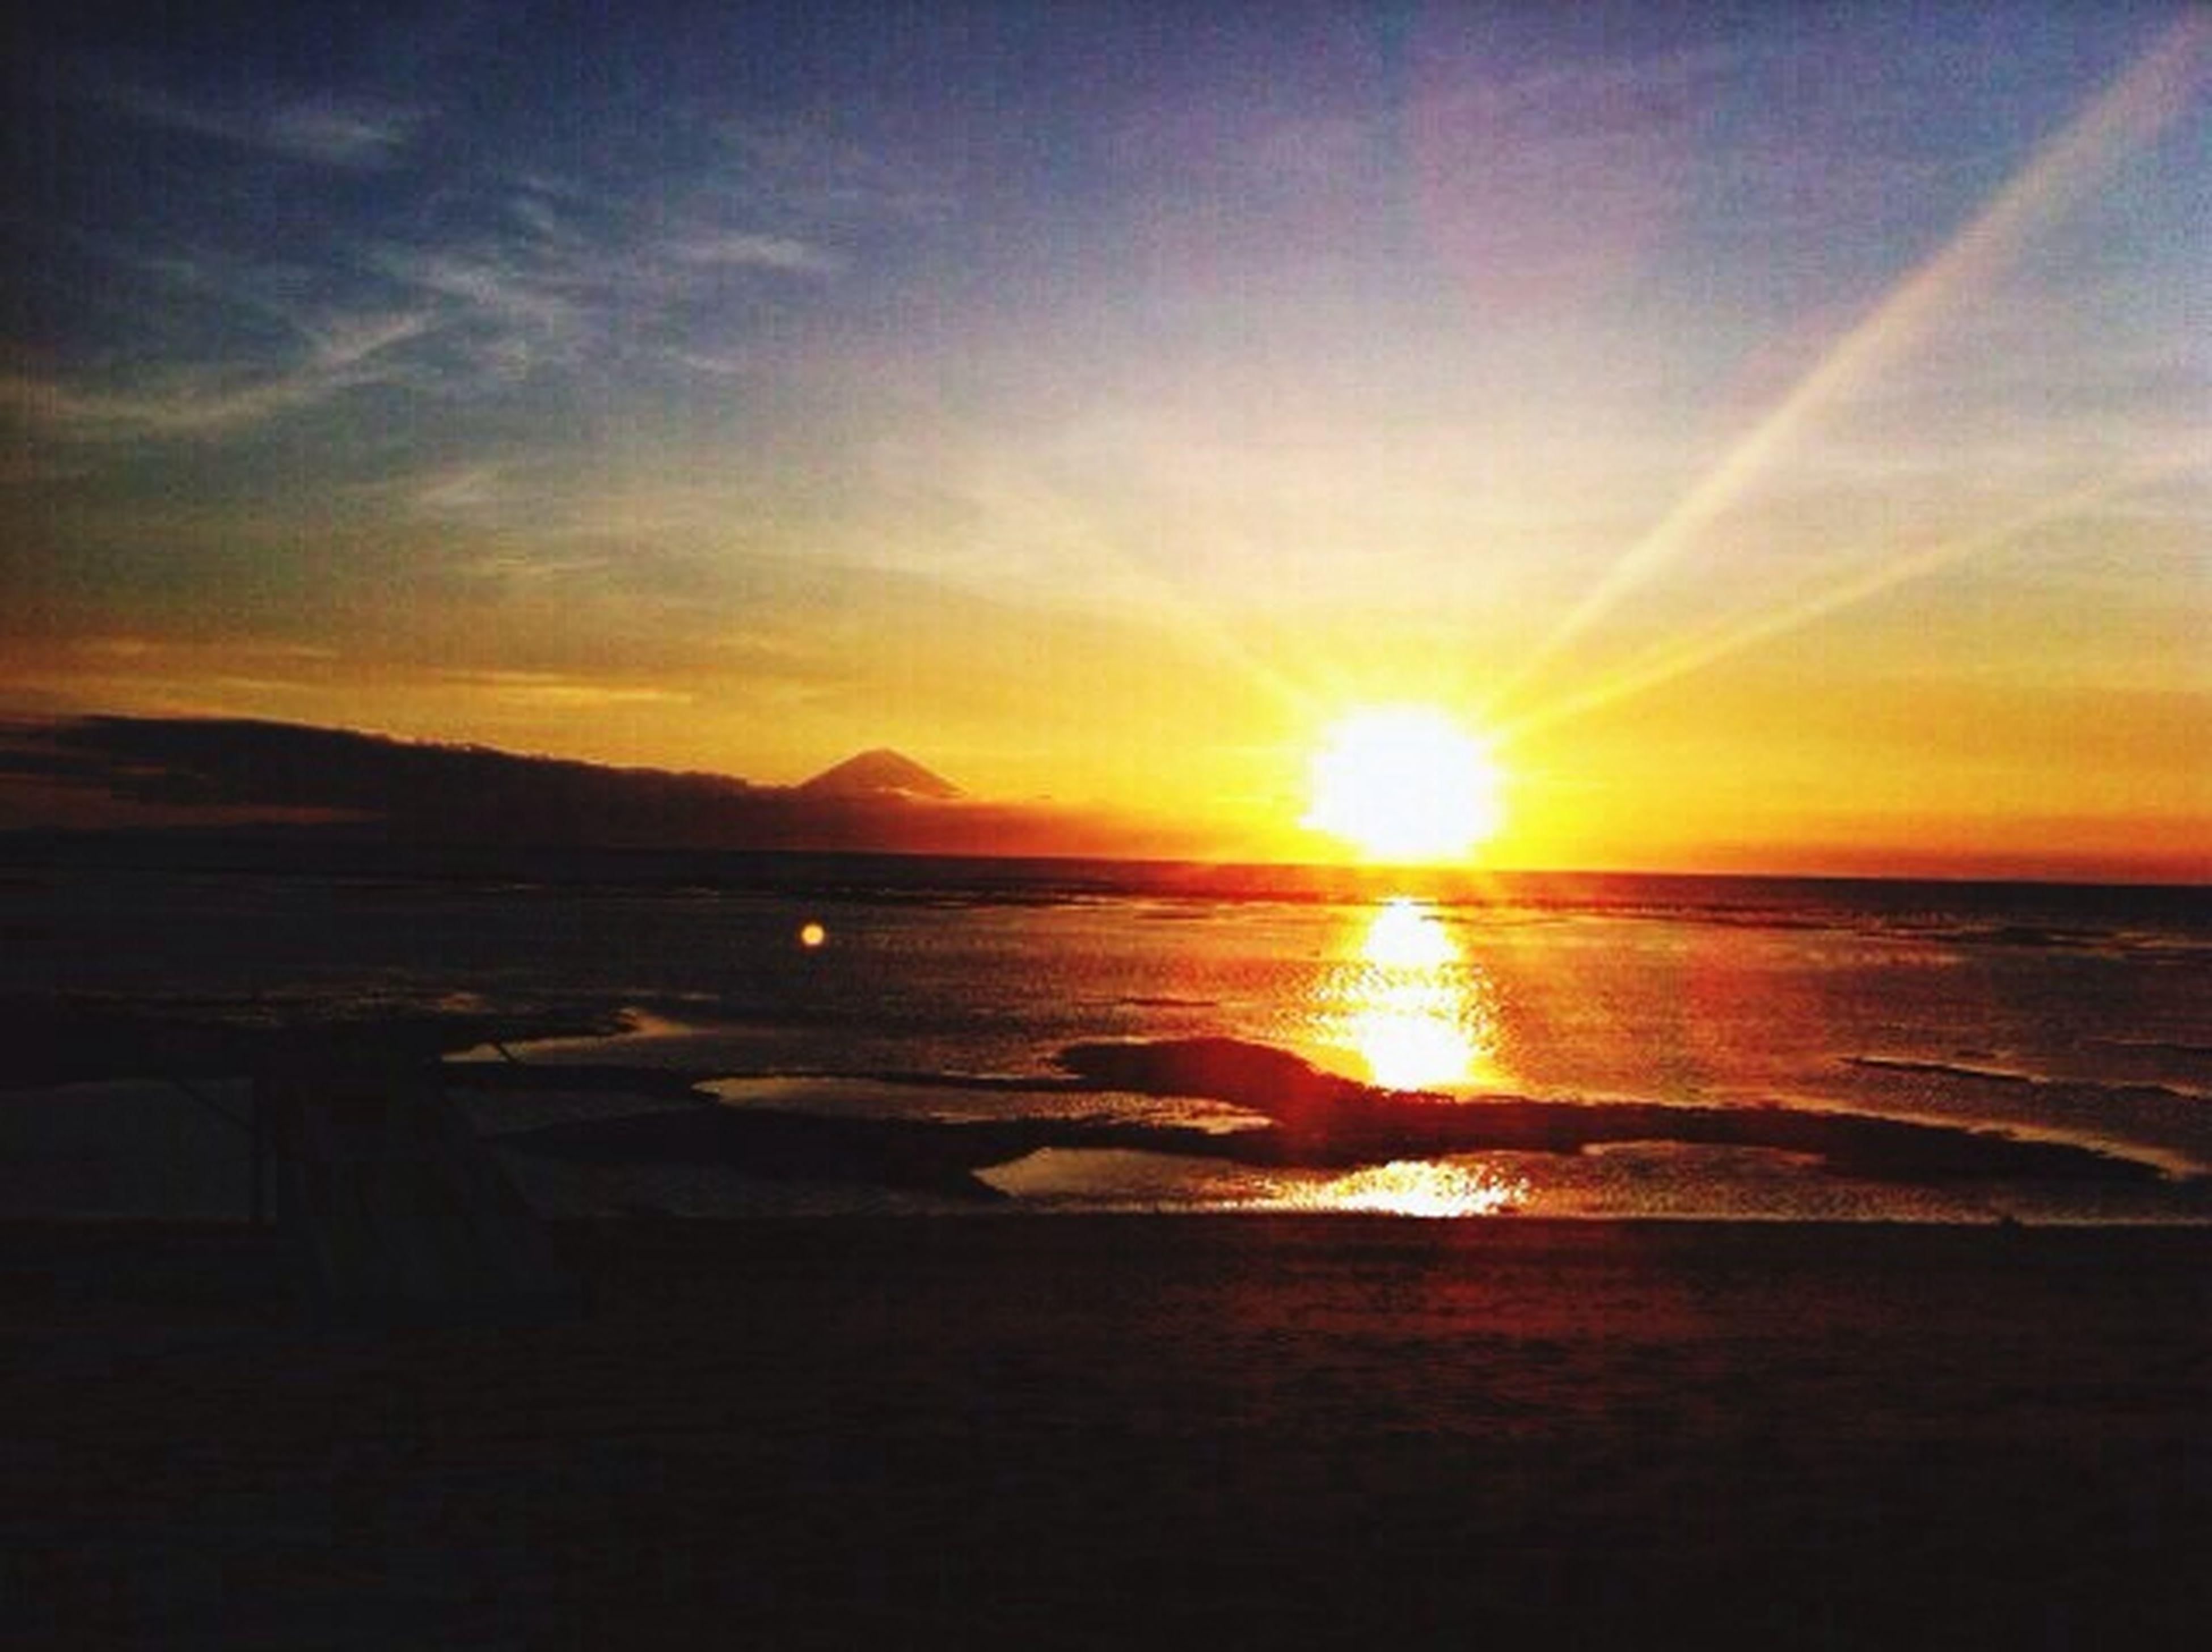 Sunset Traveling INDONESIA Enjoying Life